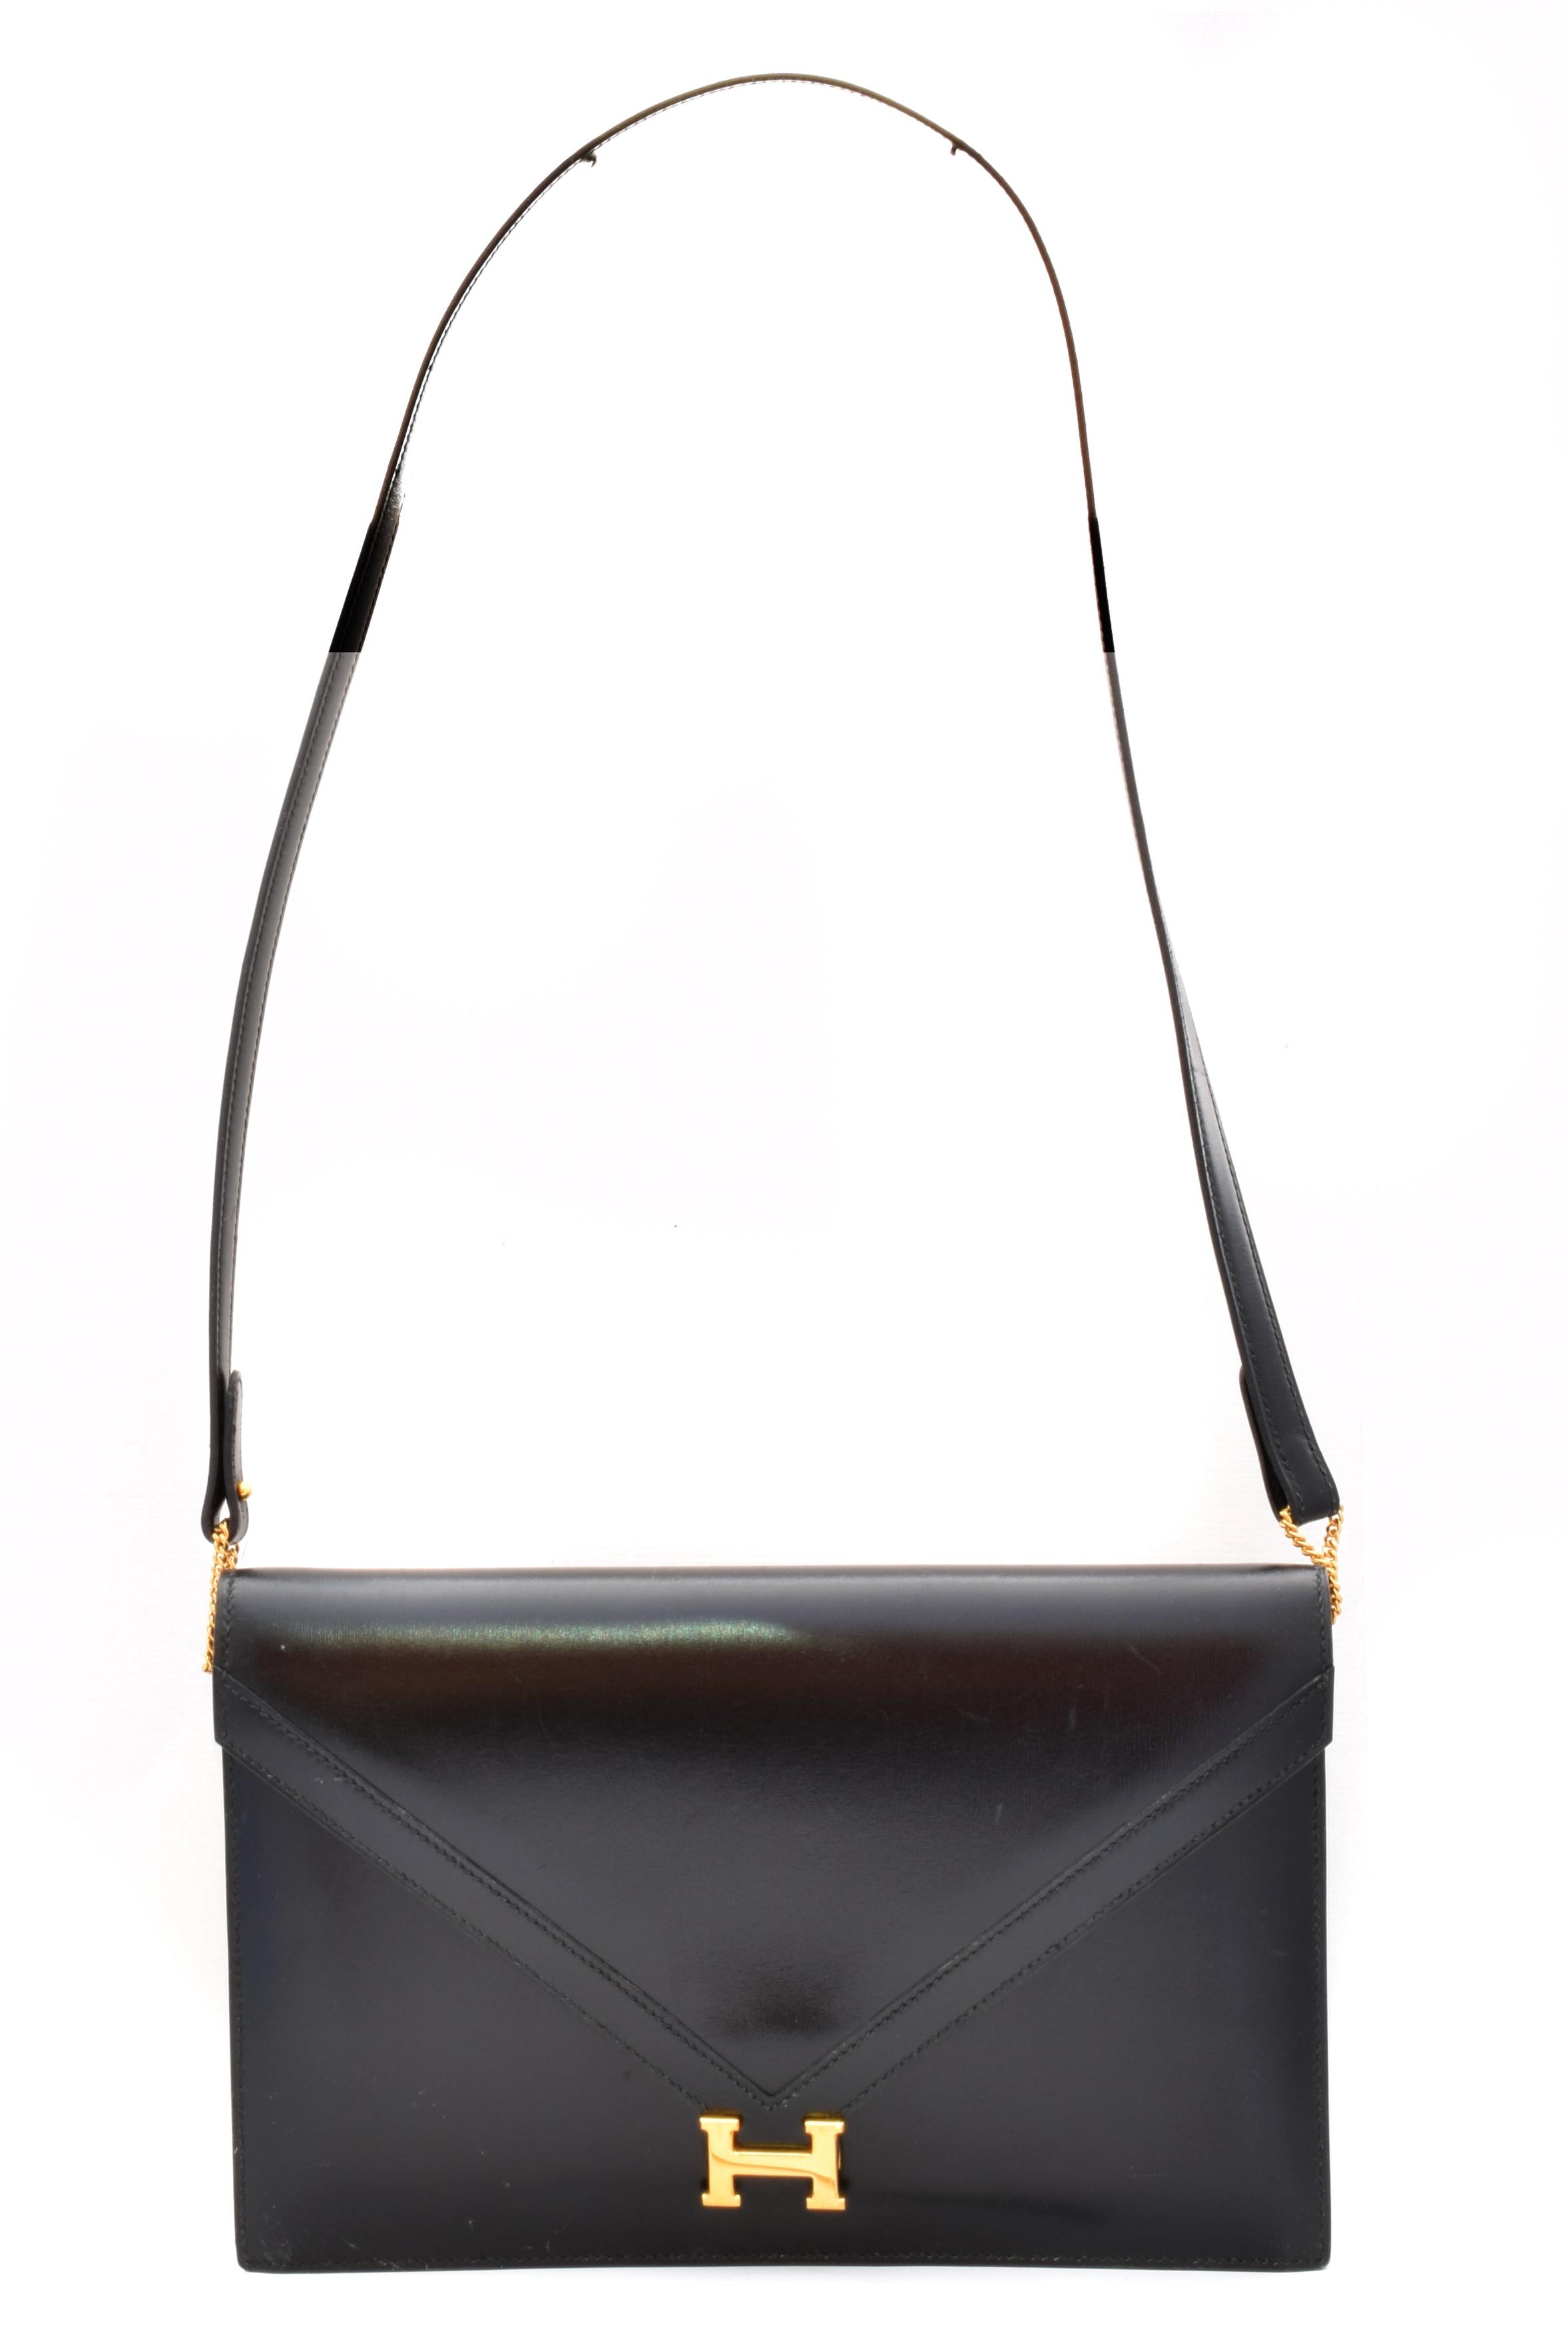 A Hermes Lydie Shoulder Bag, circa 1985,